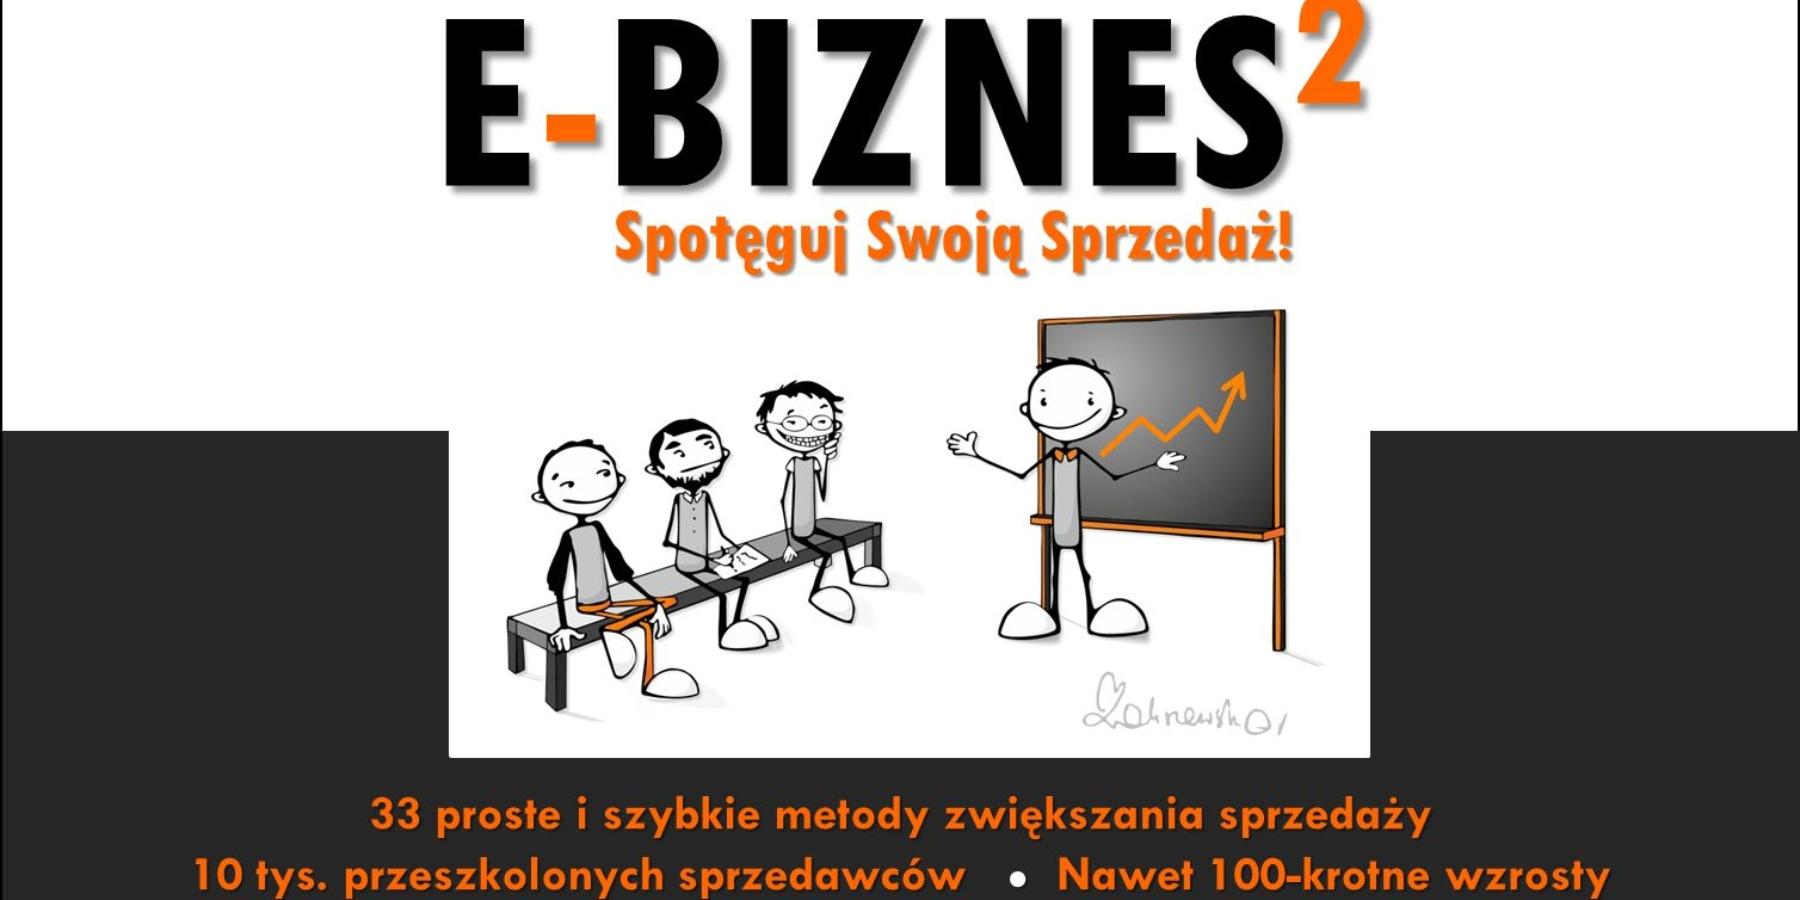 """Szkolenie dla e-sprzedawców """"E-biznes doKwadratu"""" – Spotęguj Swoją Sprzedaż!"""